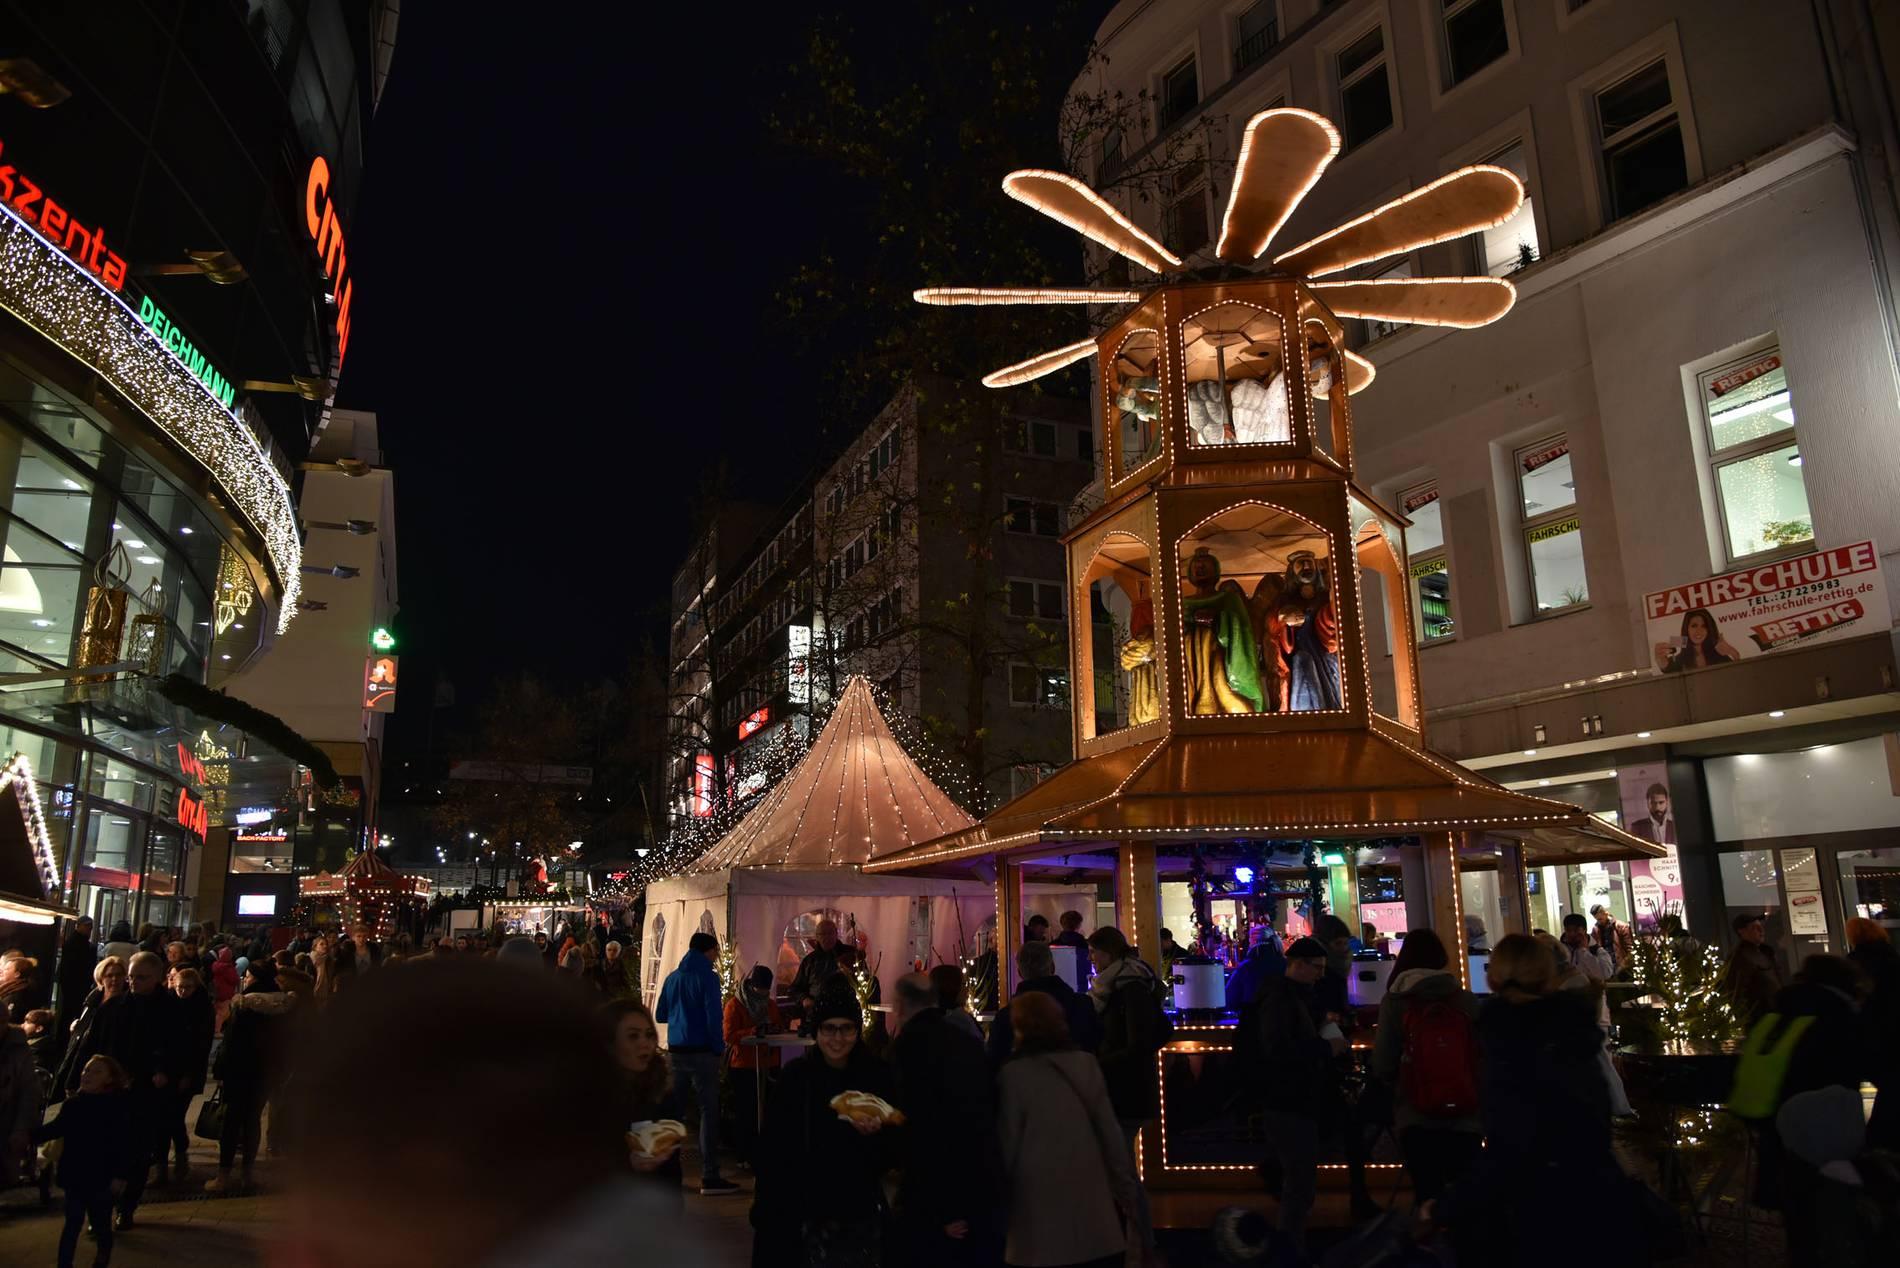 Weihnachtsmarkt Nach Weihnachten Noch Geöffnet Nrw.Essener Unternehmer Rettet Den Wuppertaler Weihnachtsmarkt 2019